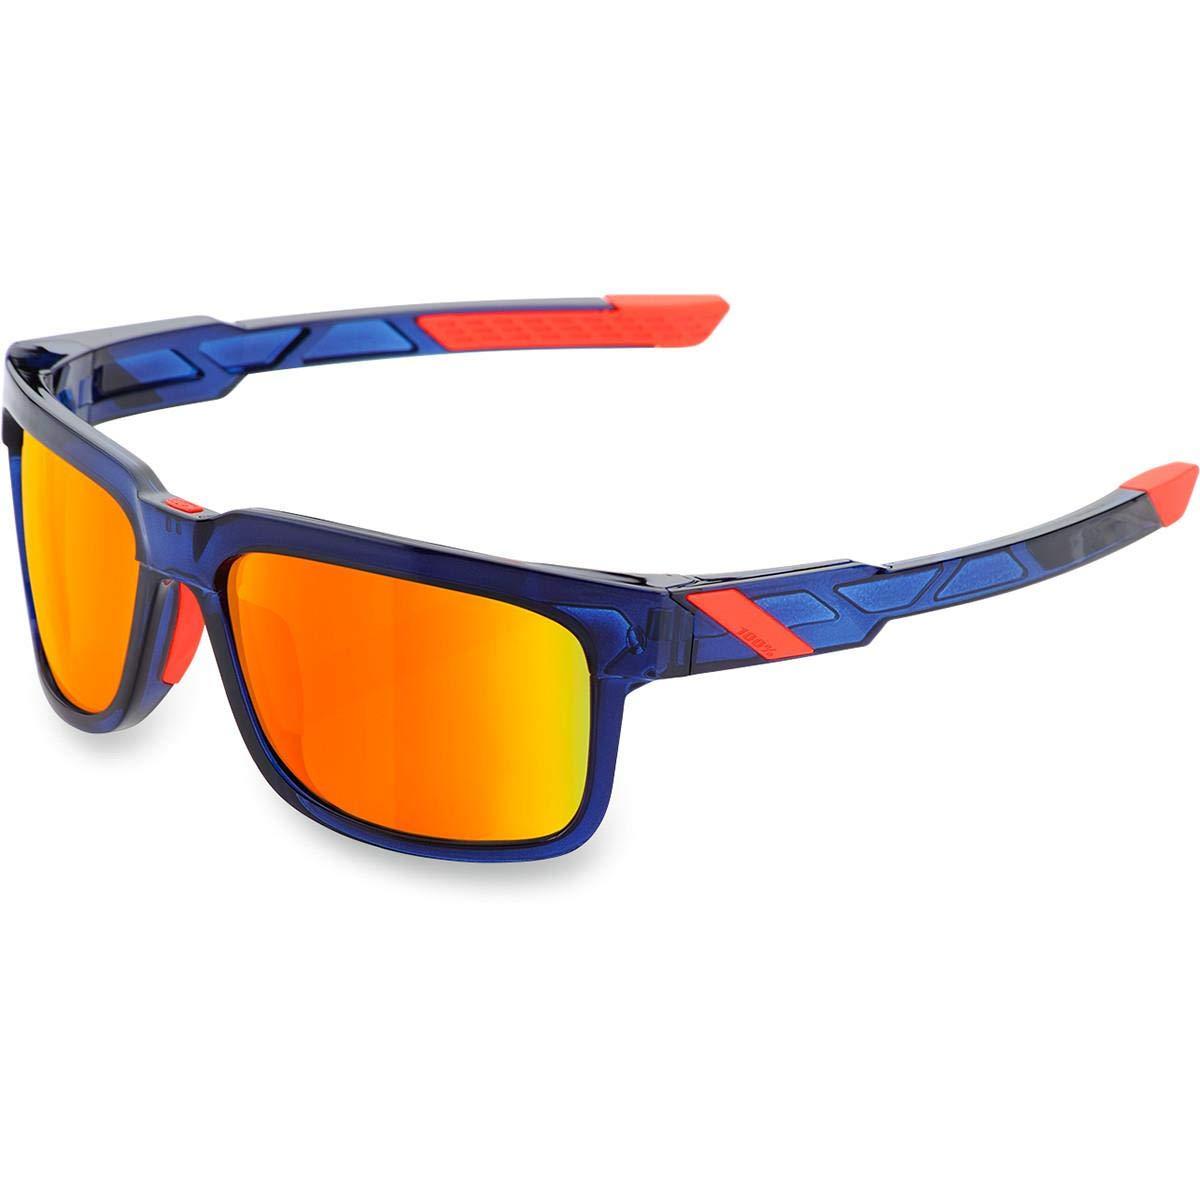 Unbekannt 100% Met – 015 – 43 Sonnenbrille Unisex Erwachsene, Rot/Blau